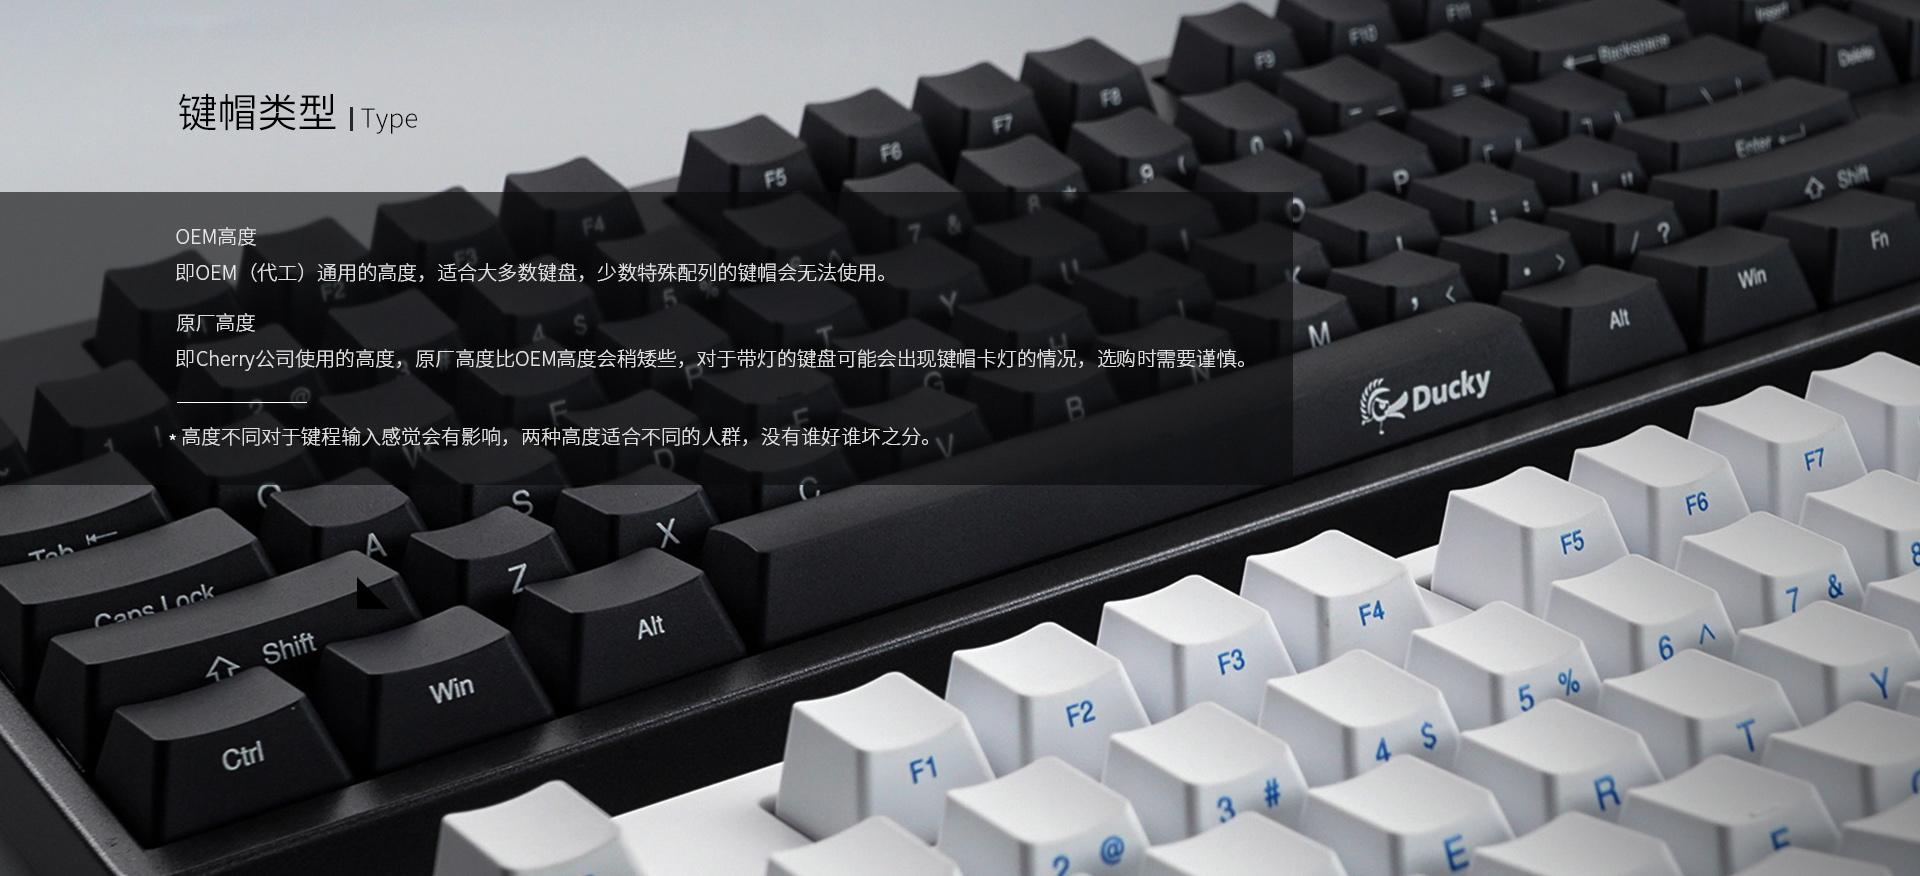 jianmao8